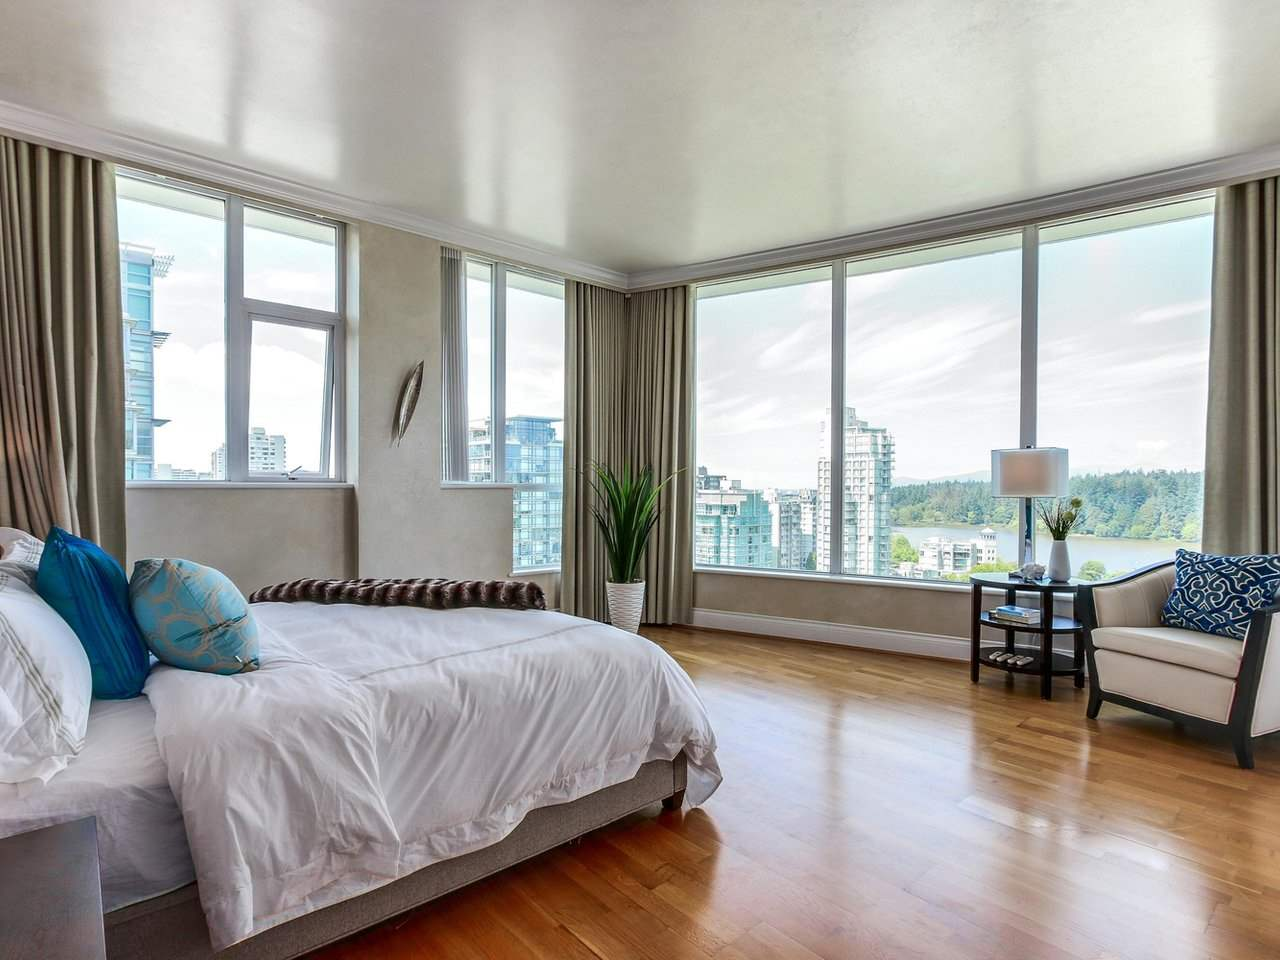 Condo Apartment at PH2 1777 BAYSHORE DRIVE, Unit PH2, Vancouver West, British Columbia. Image 12